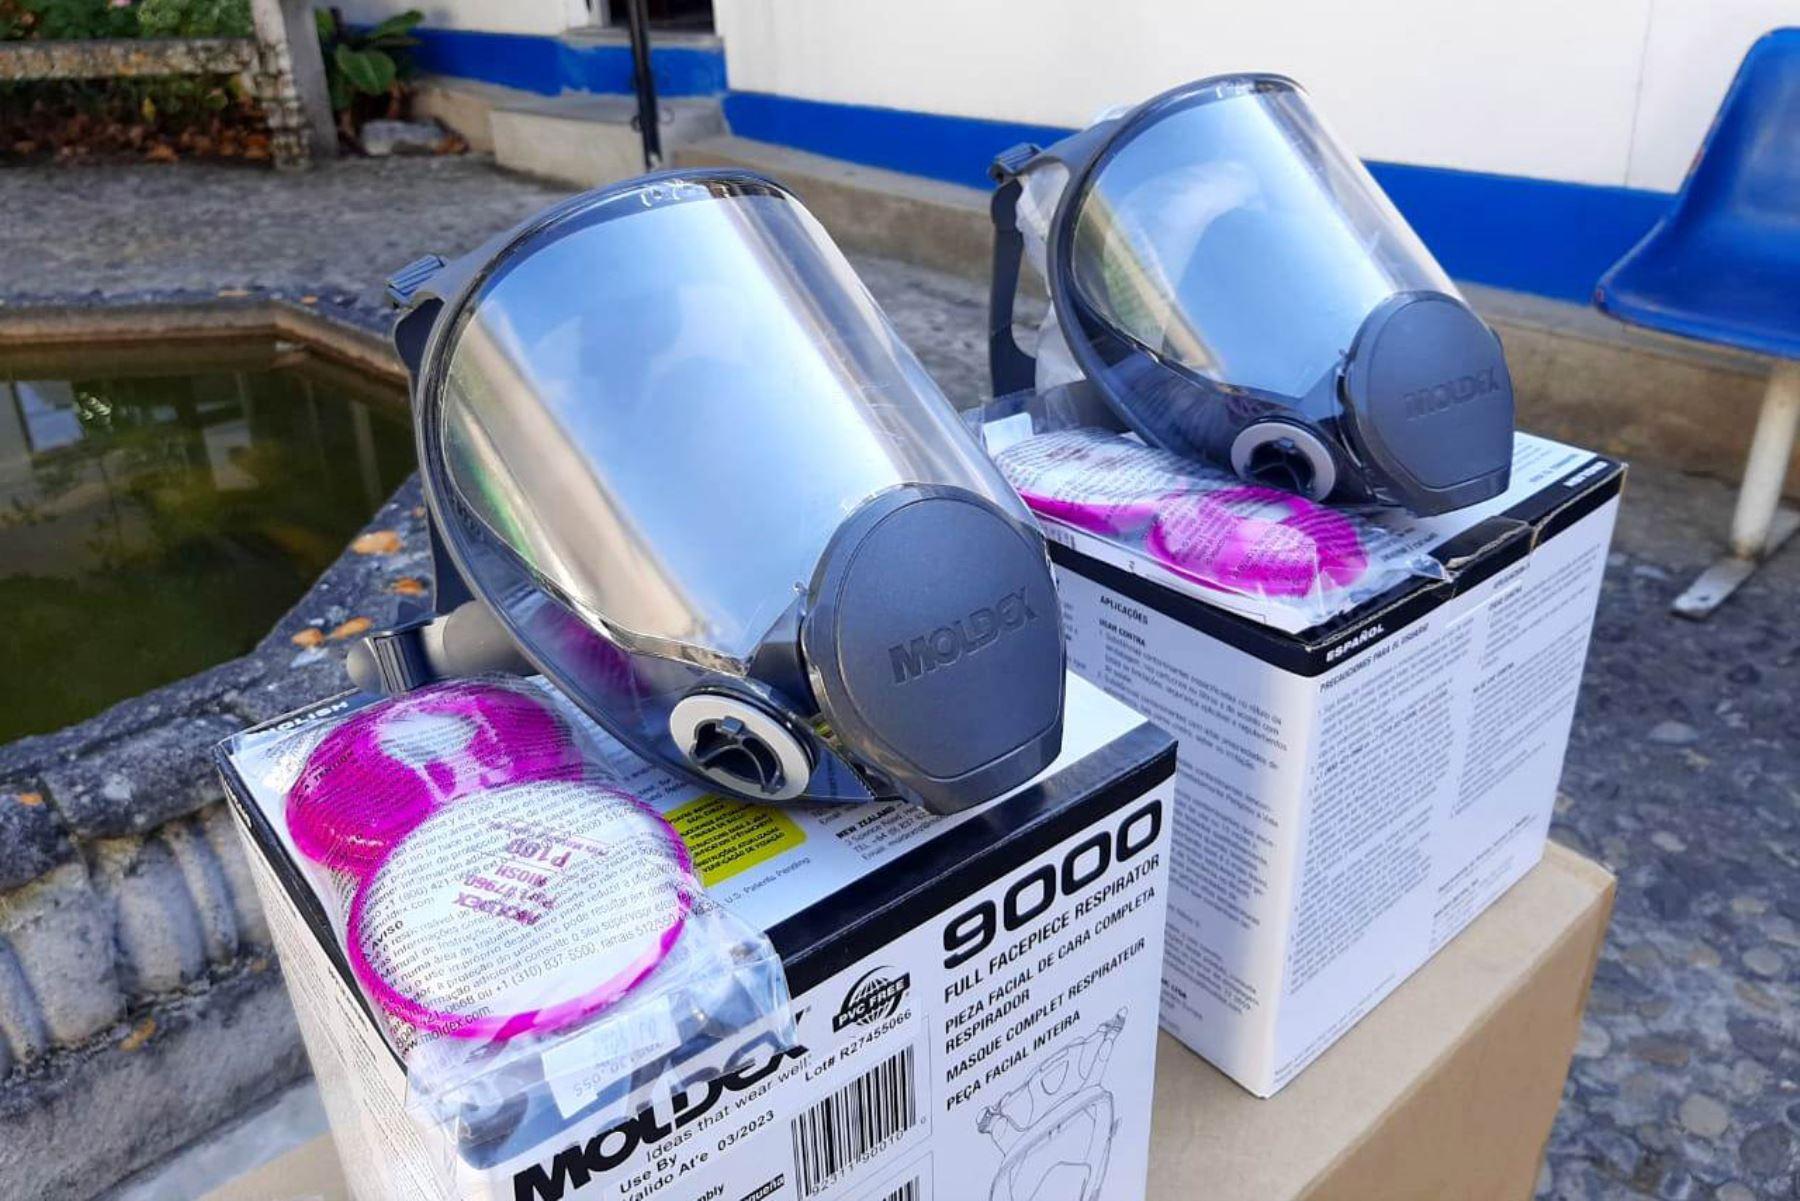 Desde el inicio de la emergencia sanitaria por el coronavirus, la minera Yanacocha ha donado equipos, ventiladores mecánicos e insumos. Foto: ANDINA/Difusión